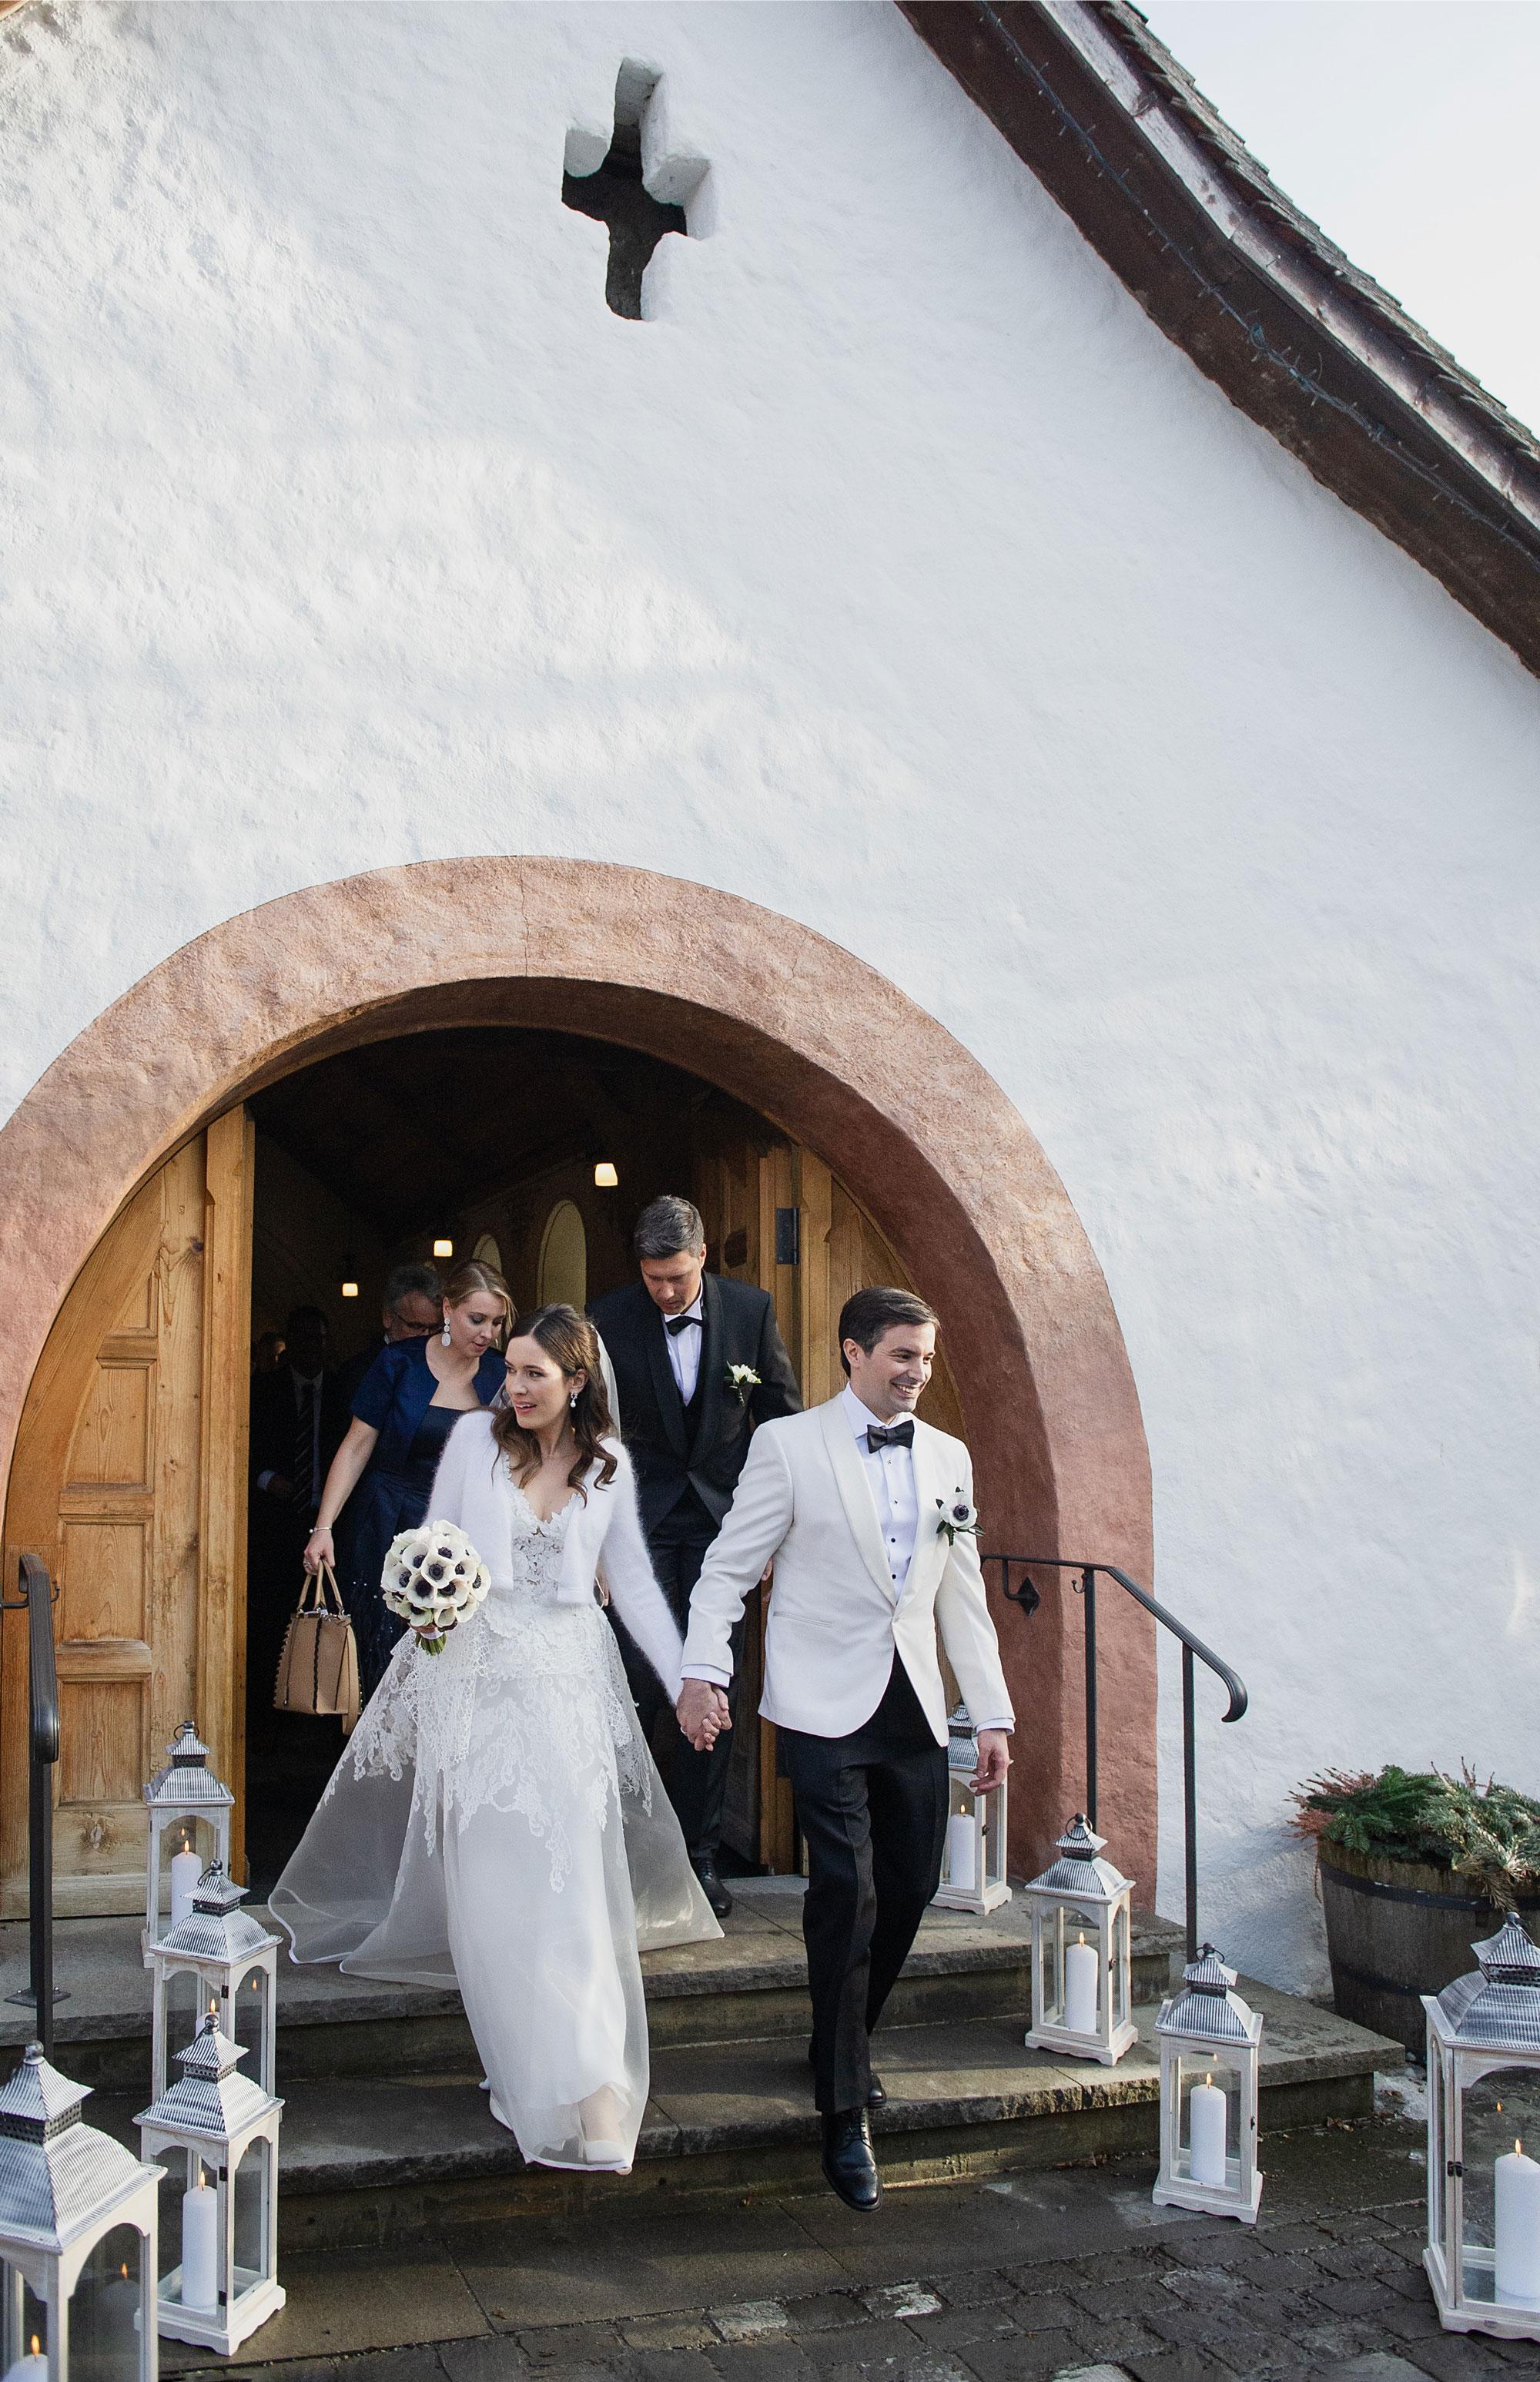 karin_tom_Gstaad_wedding-21.jpg